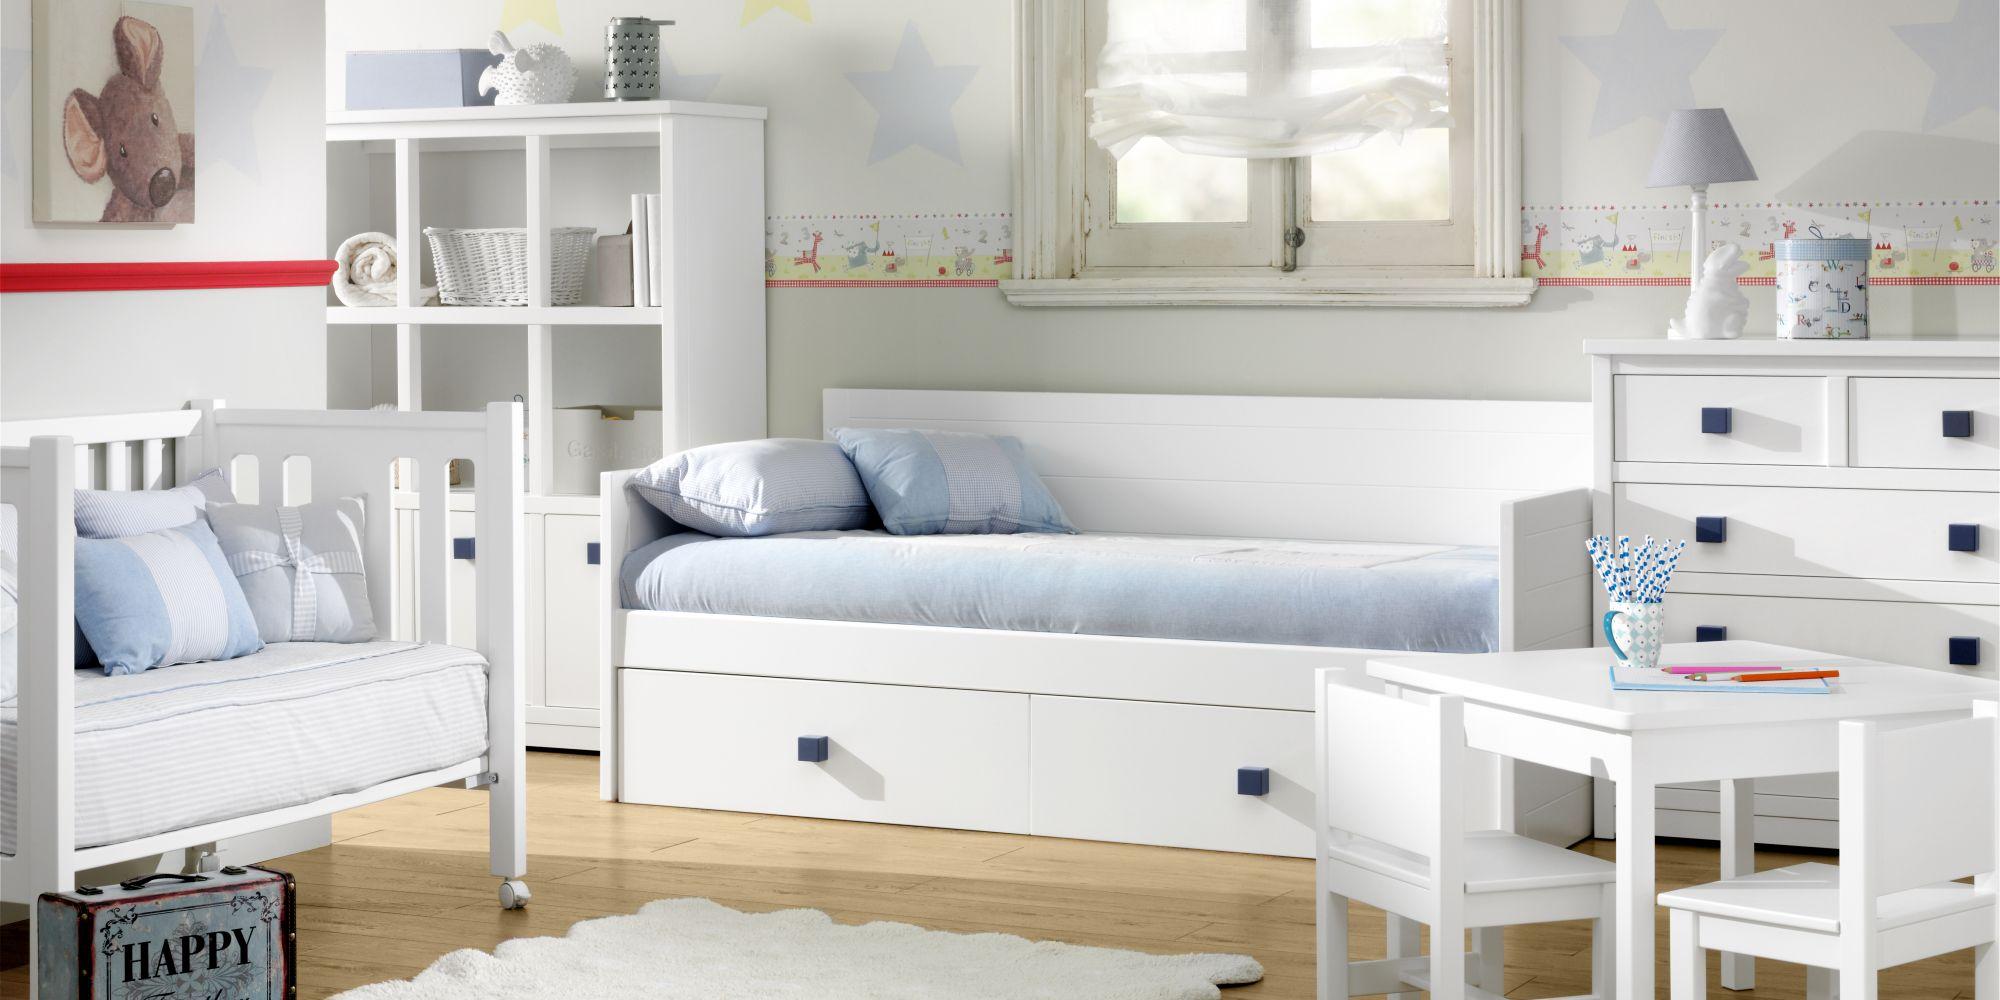 Habitación doble con cama y cuna